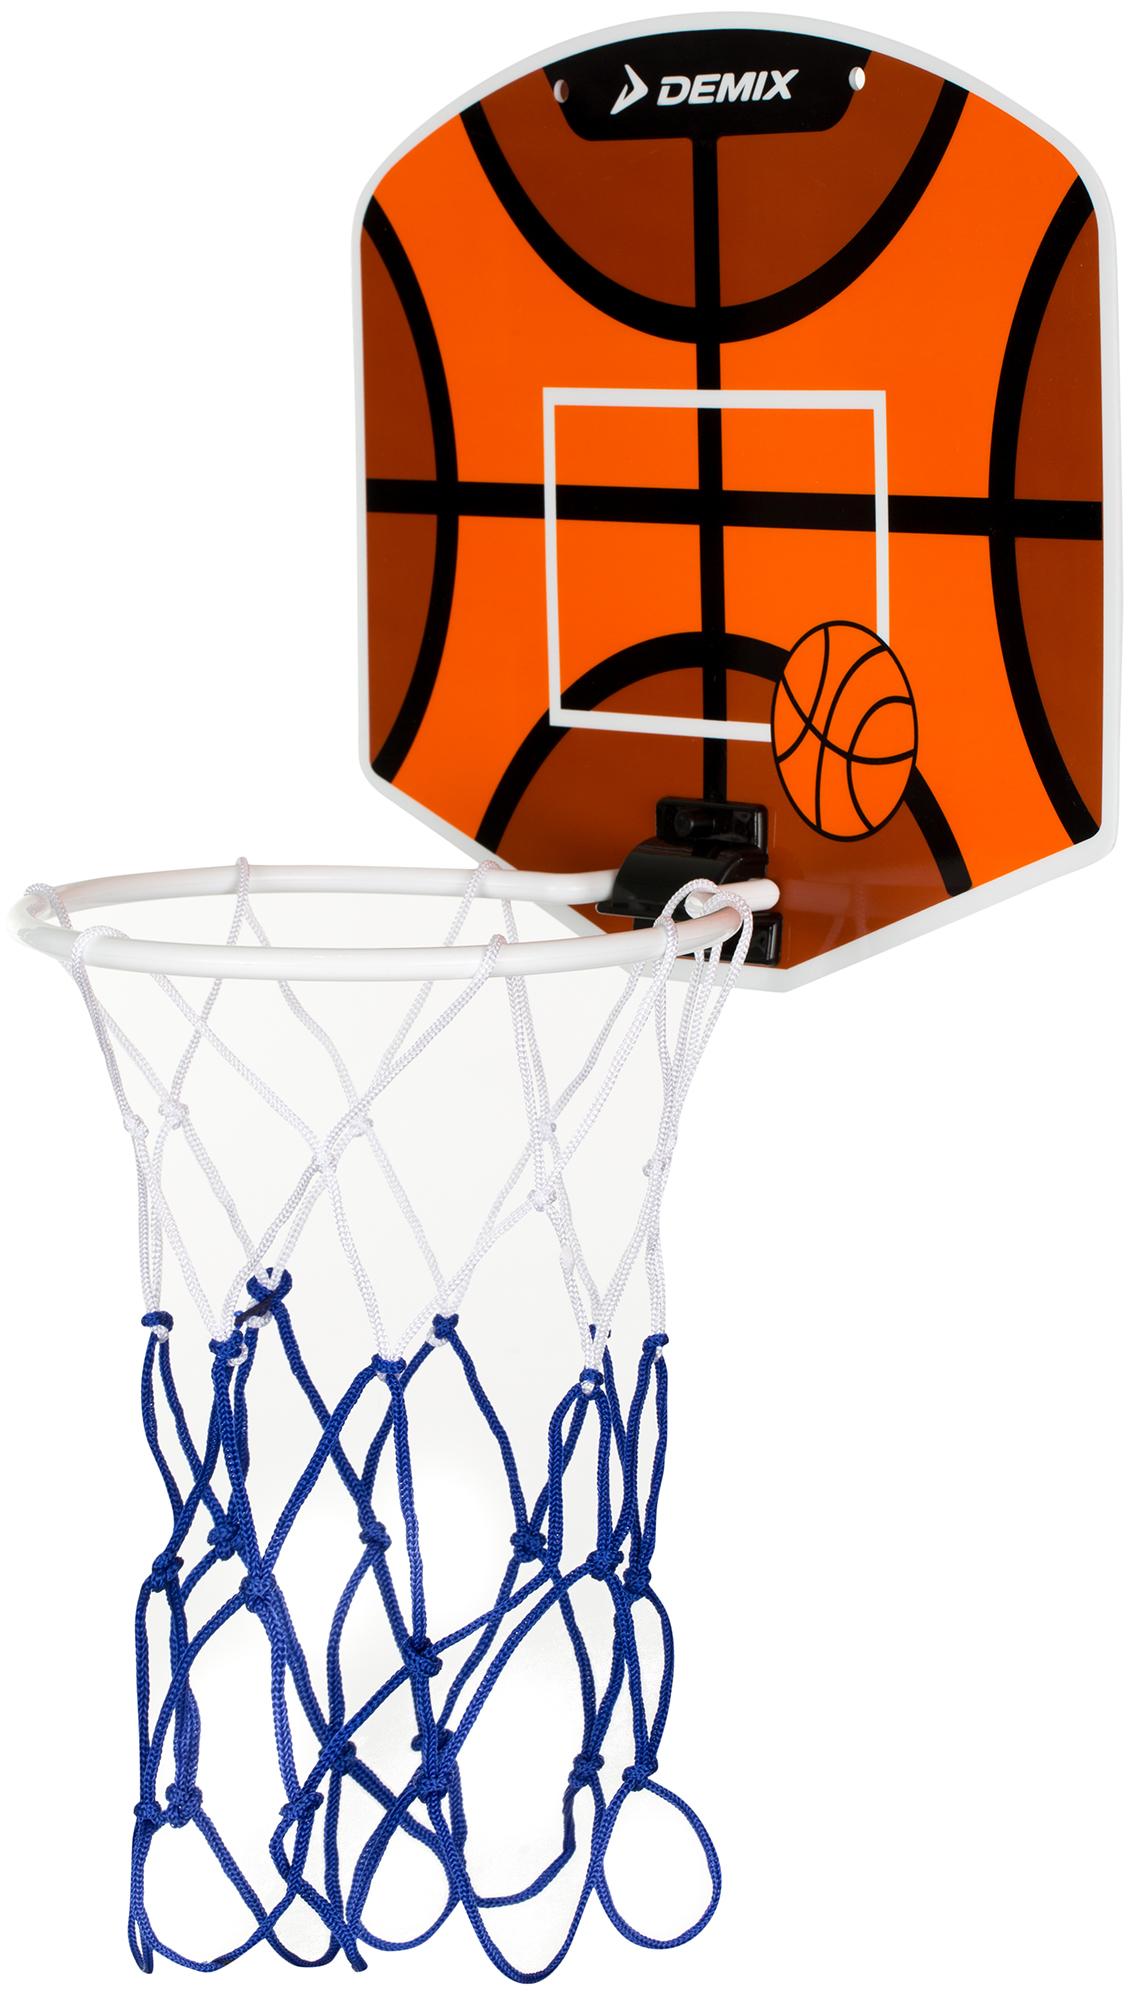 цена на Demix Набор для баскетбола Demix: мяч и щит